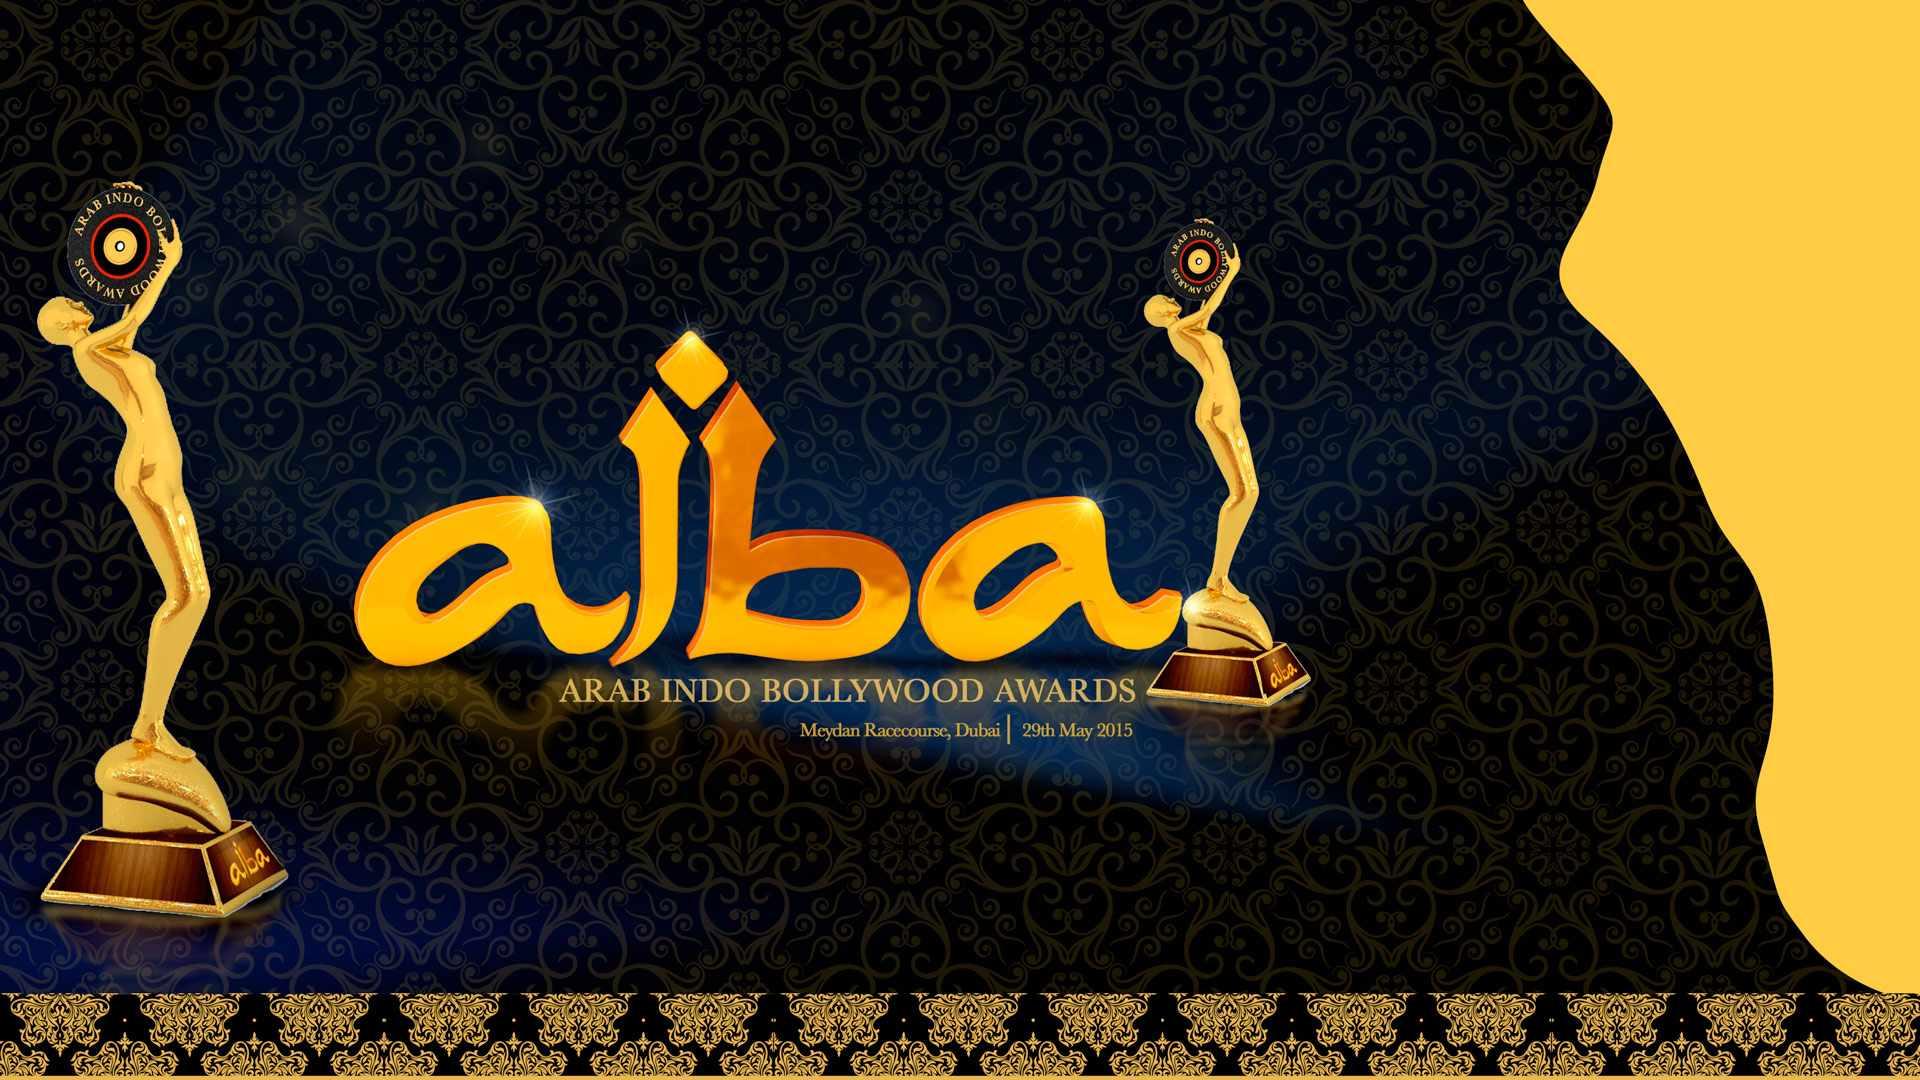 AIBA Awards 2015 Winners: Complete List